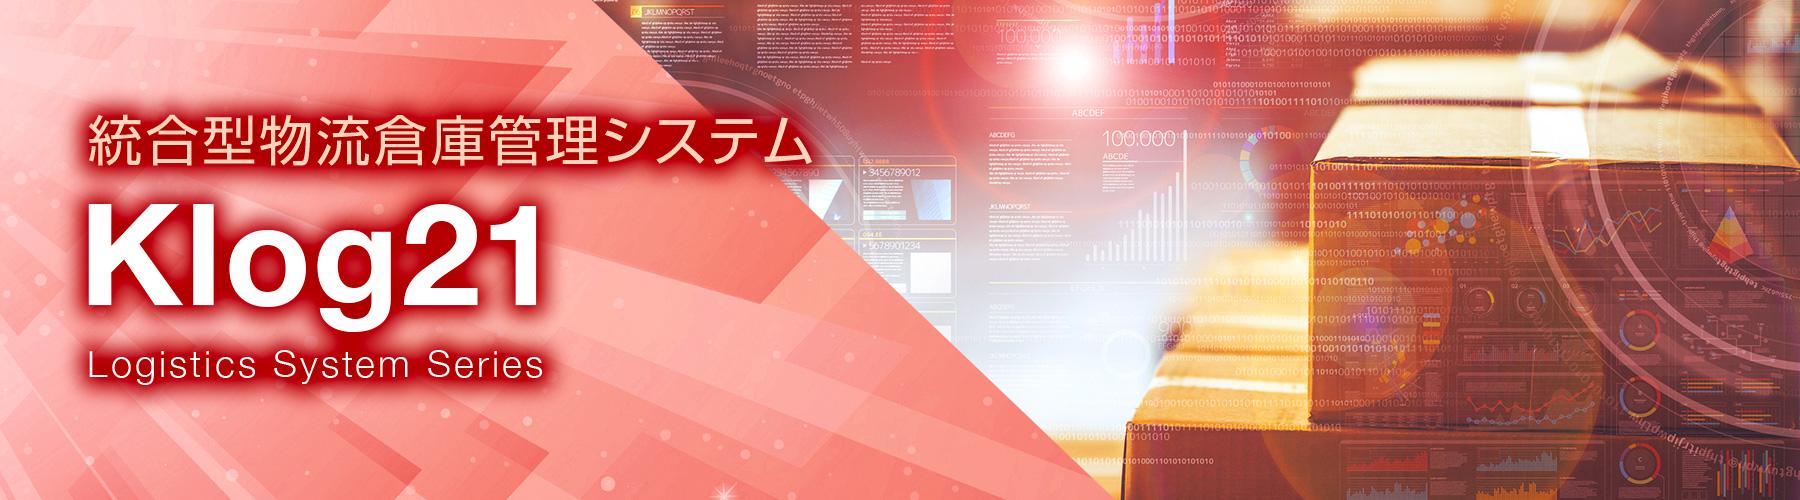 統合型物流倉庫管理システム Klog21